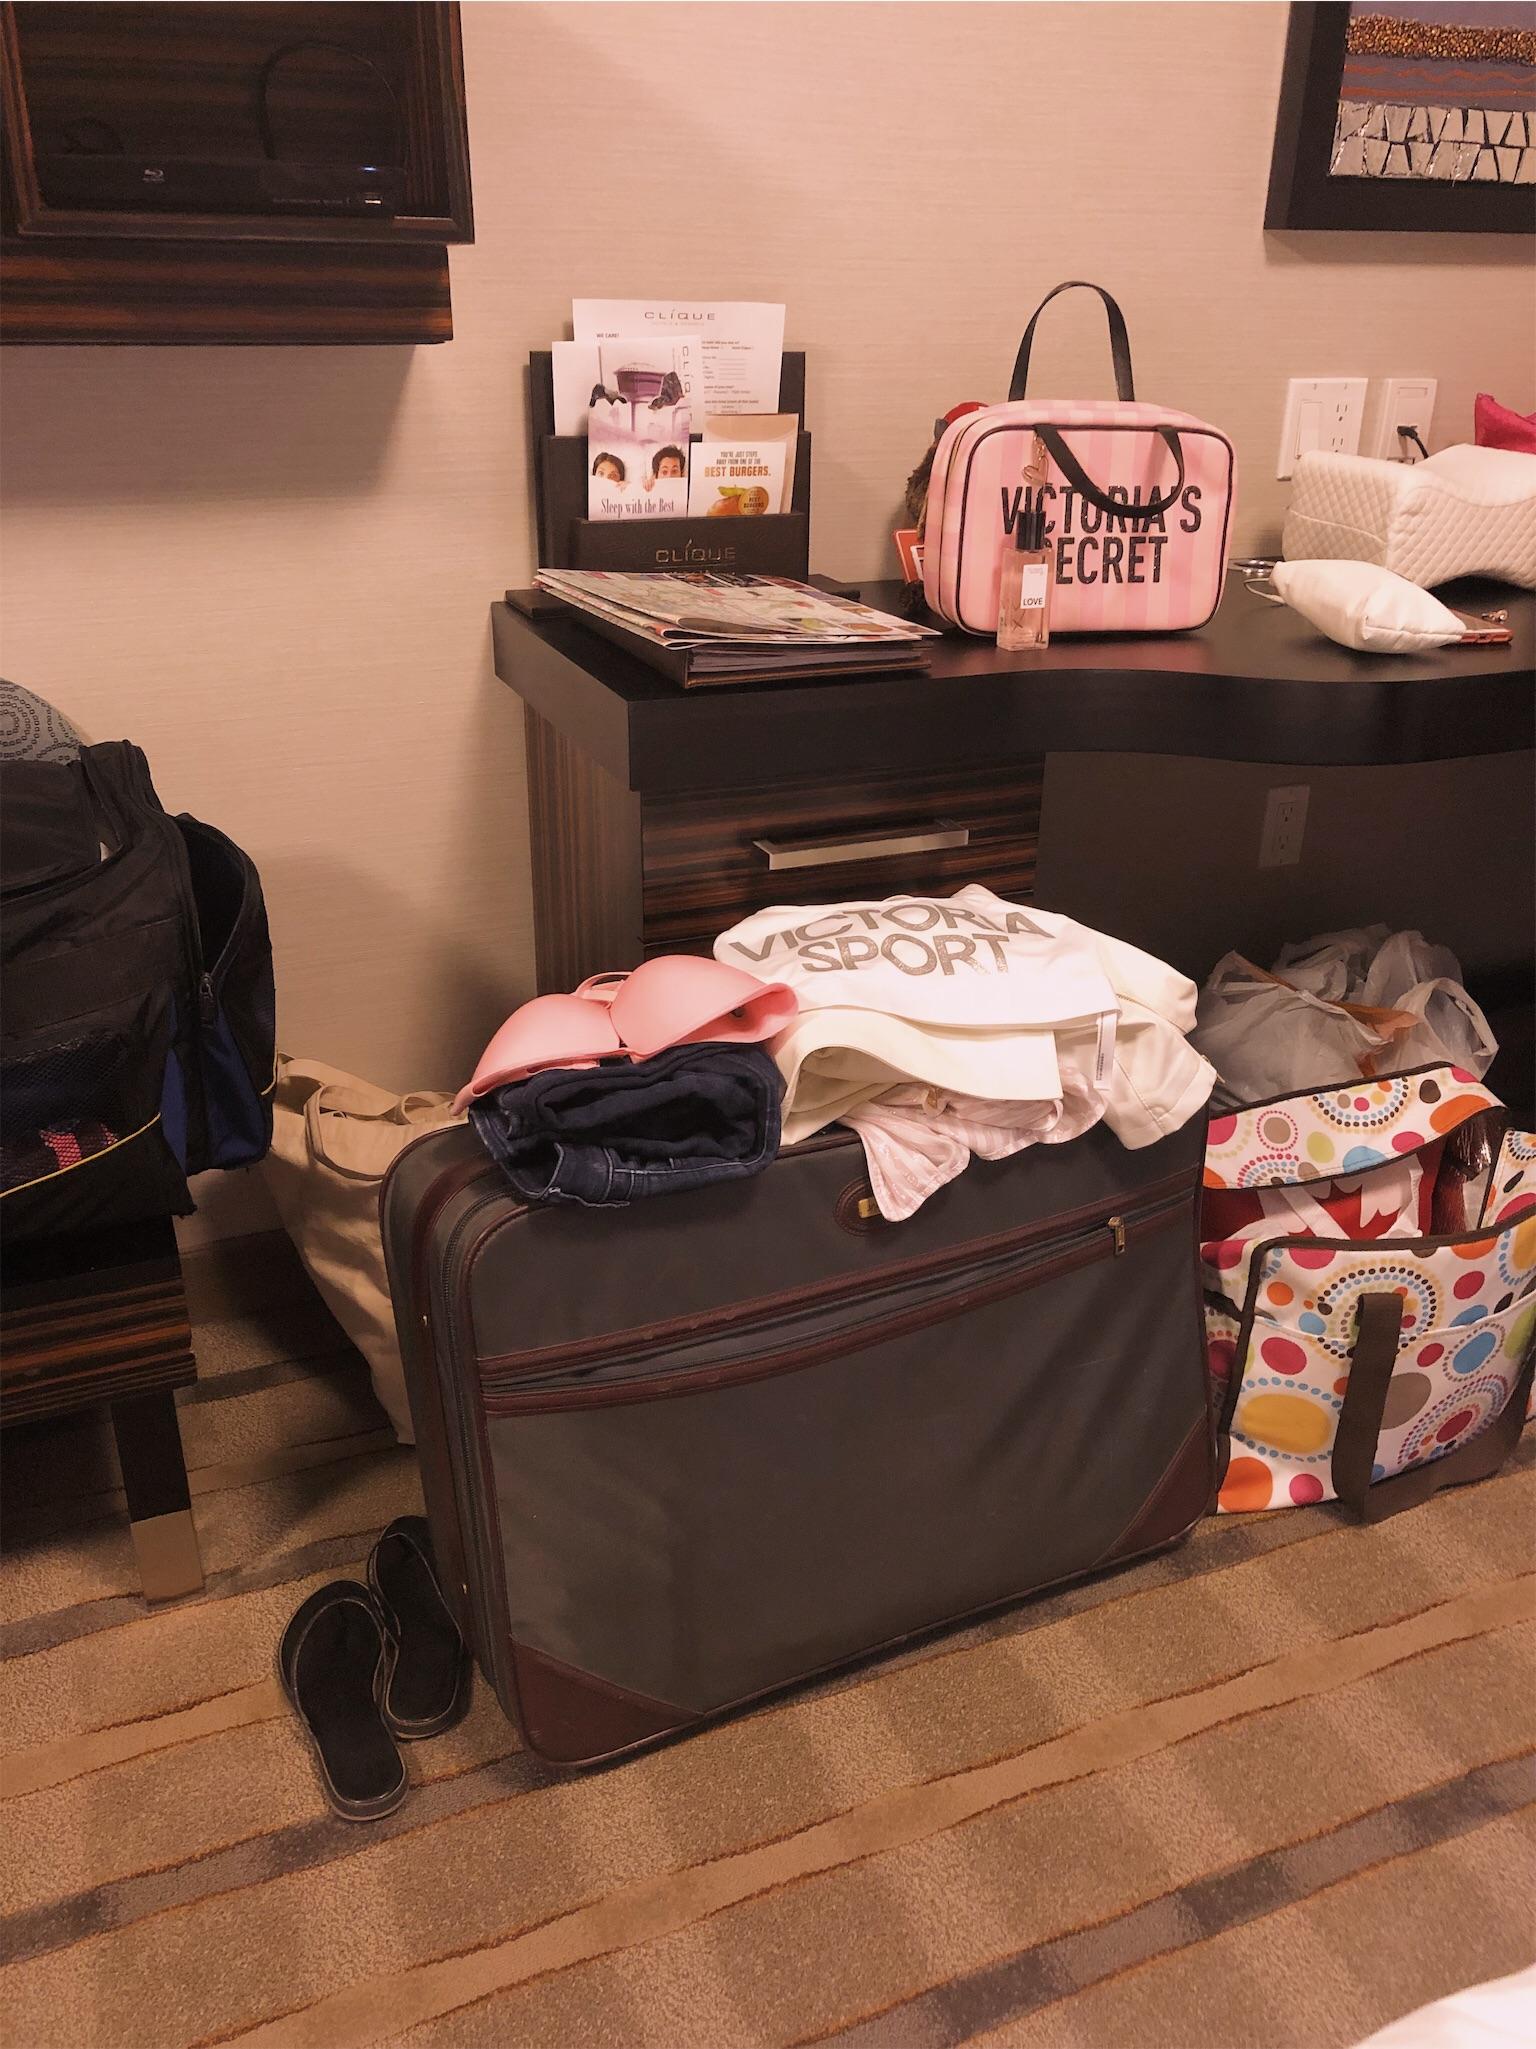 suitcase-hotel-room.jpg